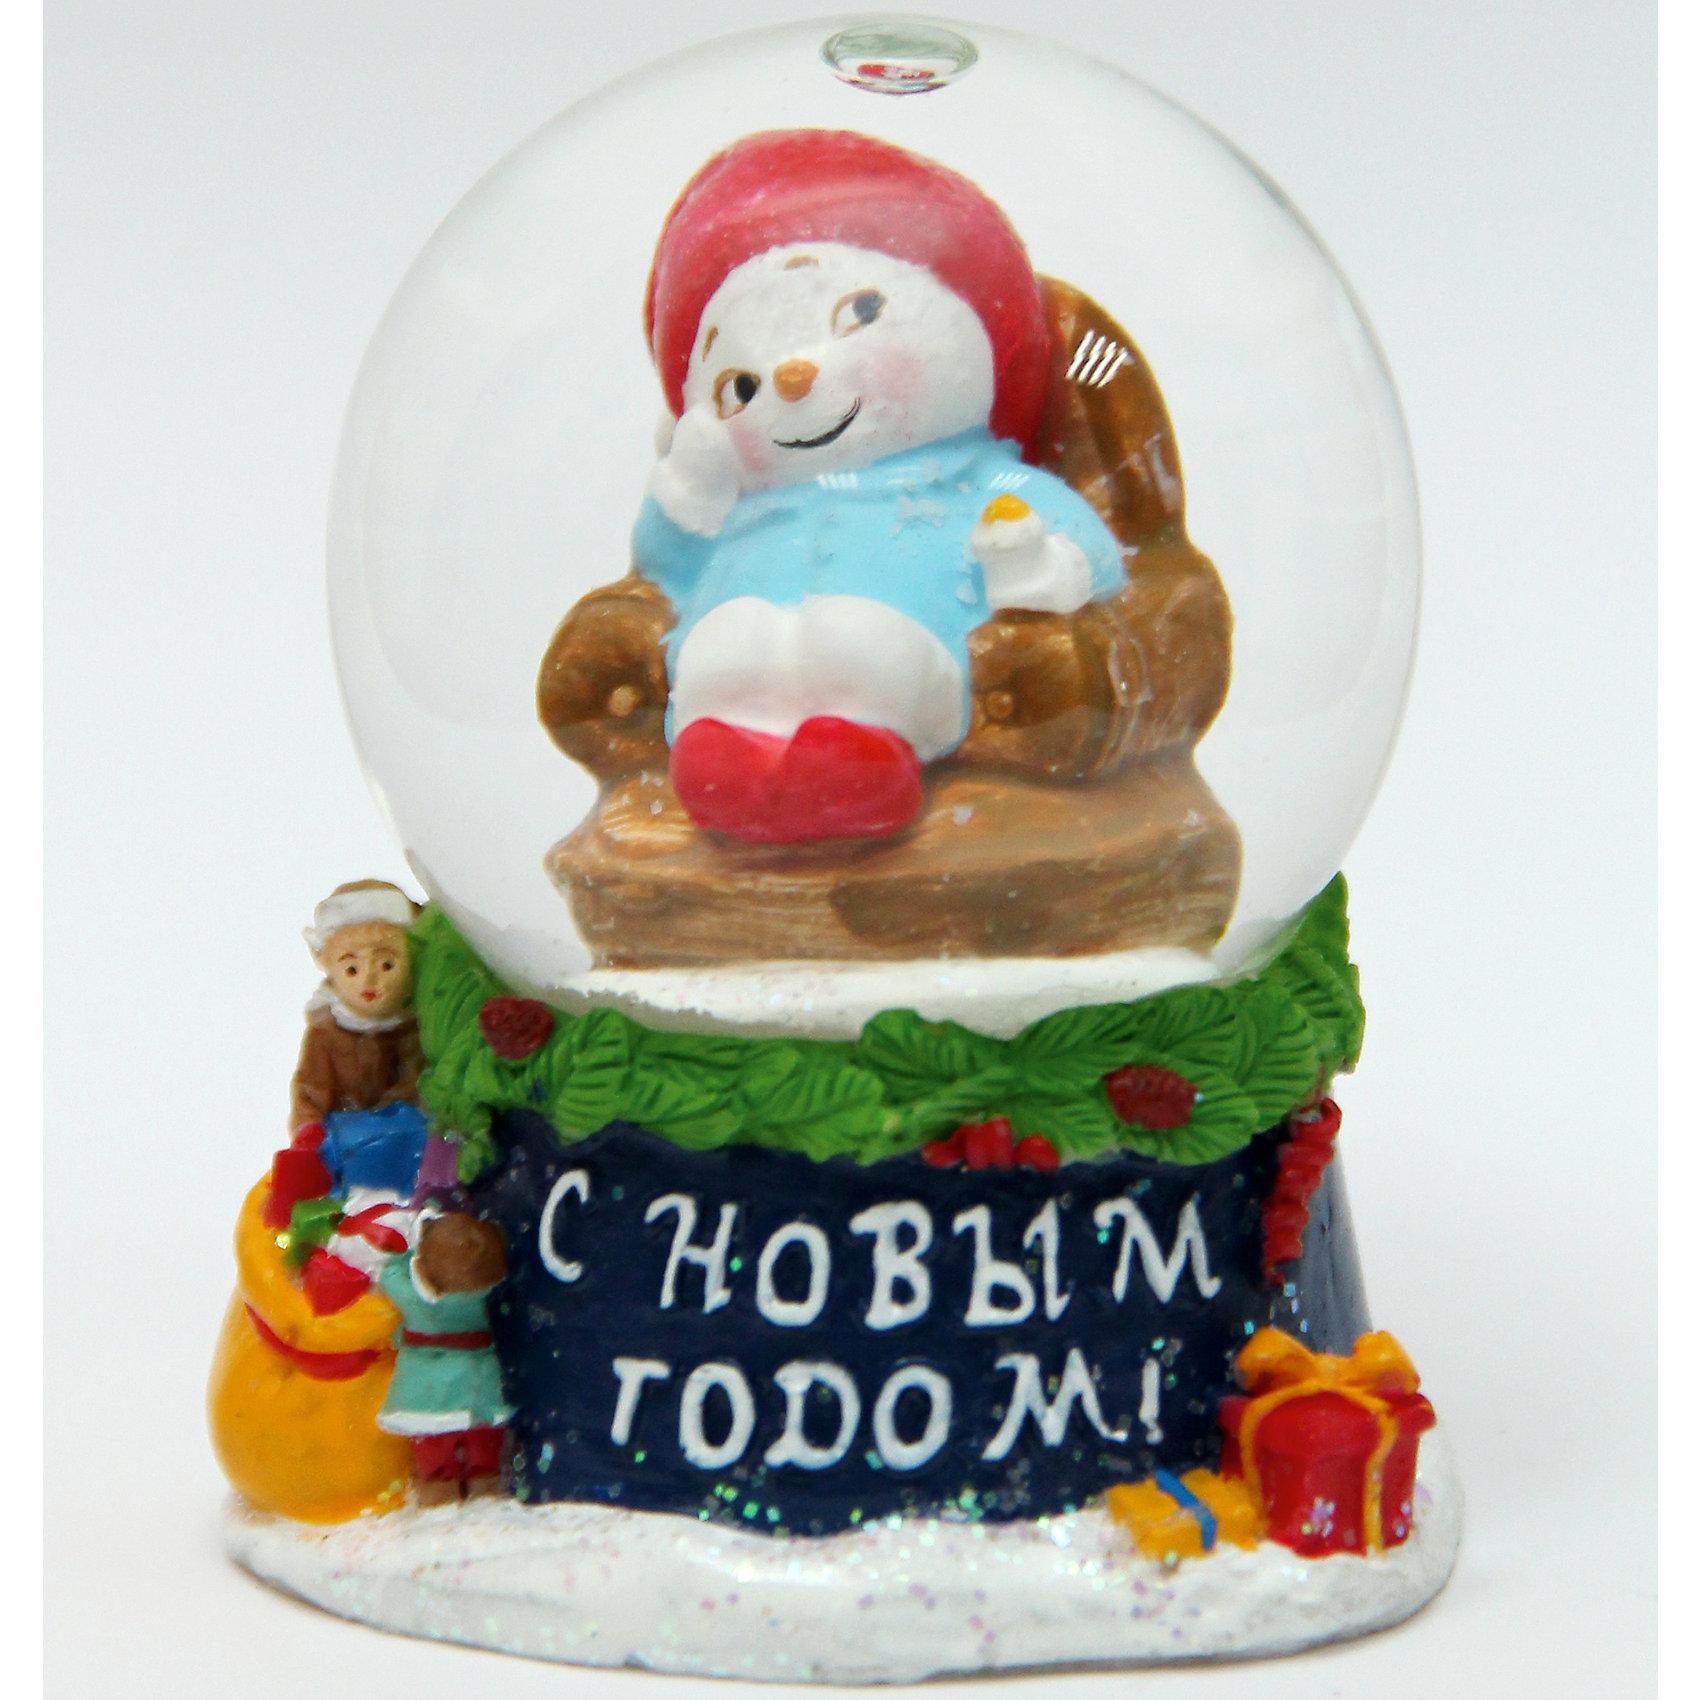 Новогодняя фигурка Снеговик в креслеНовогодняя фигурка Снеговик в кресле, Феникс-Презент, станет замечательным украшением Вашего новогоднего интерьера и приятным сувениром для родных и друзей. Оригинальная игрушка представляет из себя стеклянный шар, наполненный водой, внутри которого помещена фигурка забавного снеговика в кресле. Шар прикреплен к круглой подставке из полирезины, декорированной еловыми ветками и надписью С Новым Годом. Чудесное украшение порадует и взрослых и детей и поможет создать волшебную атмосферу новогодних праздников.<br><br>Дополнительная информация:<br><br>- Материал: стекло, полирезина.<br>- Размер фигурки: 5,5 х 4,8 х 6,2 см.<br><br>Новогоднюю фигурку Снеговик в кресле, Феникс-Презент, можно купить в нашем интернет-магазине.<br><br>Ширина мм: 70<br>Глубина мм: 60<br>Высота мм: 80<br>Вес г: 100<br>Возраст от месяцев: 36<br>Возраст до месяцев: 2147483647<br>Пол: Унисекс<br>Возраст: Детский<br>SKU: 4276535